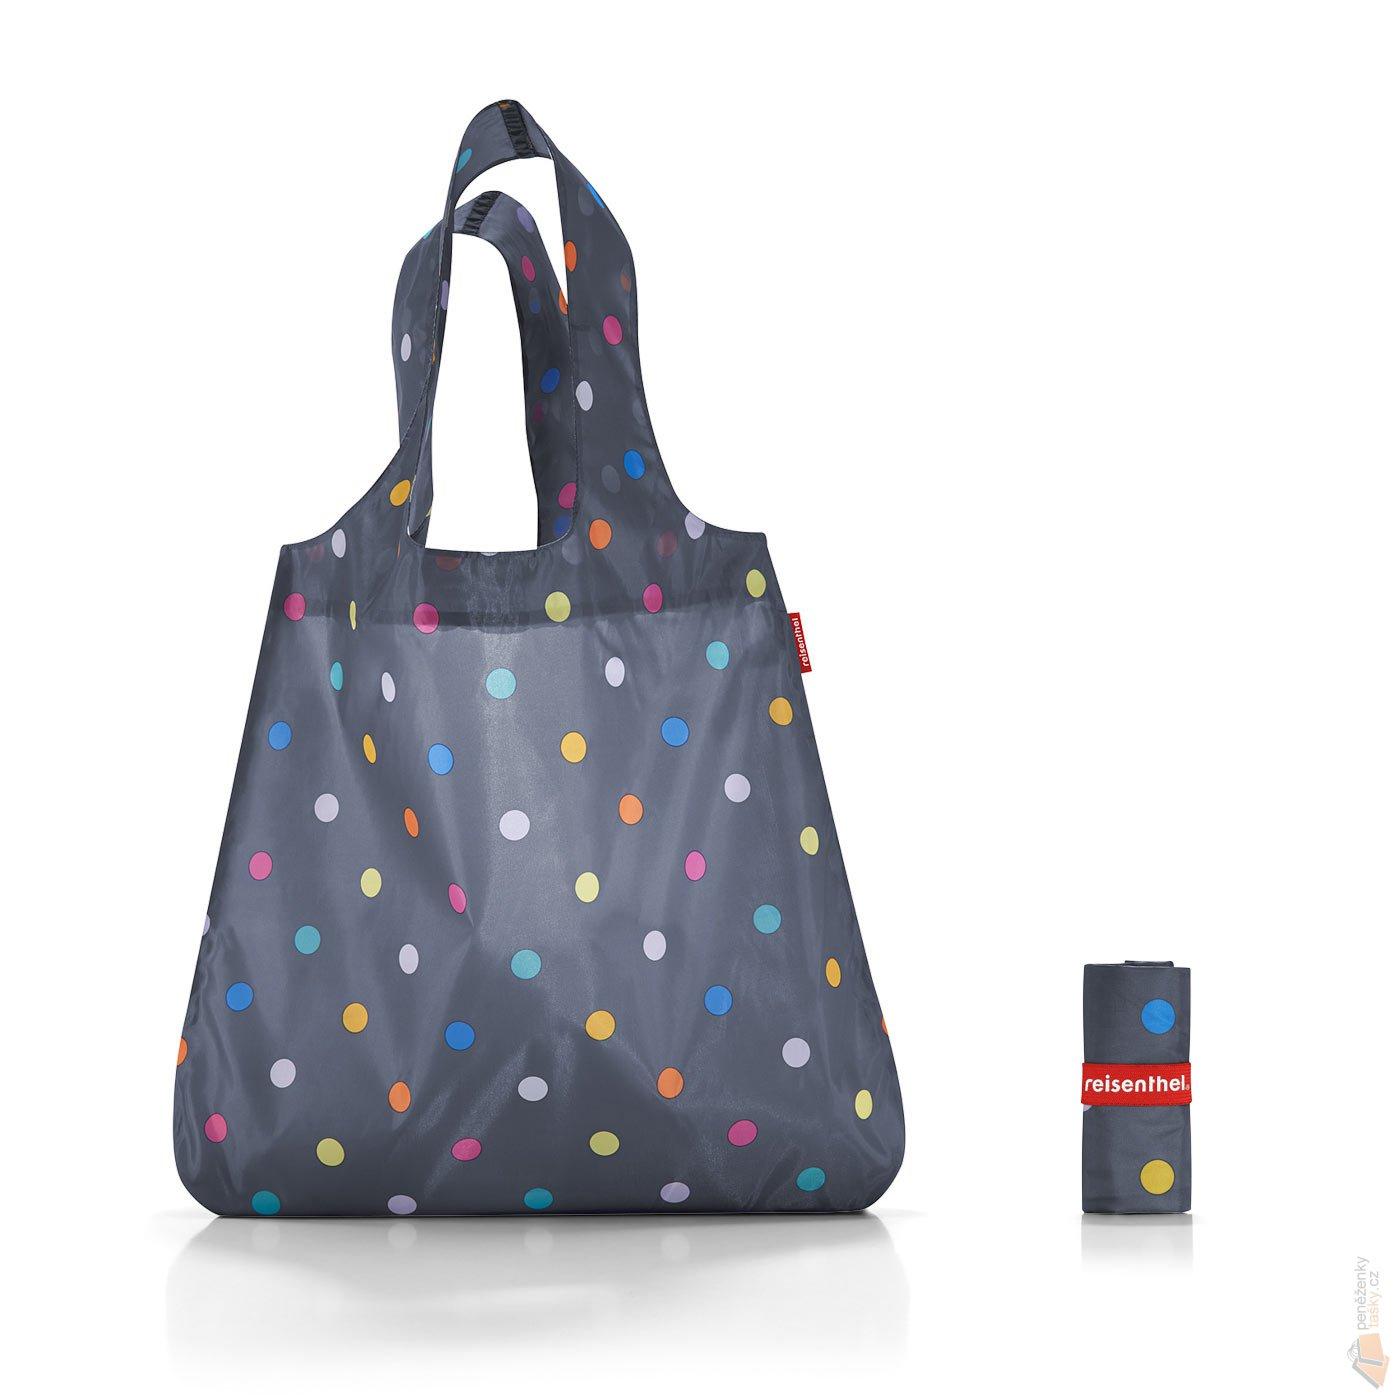 fbc10f1395 Reisenthel Nákupní taška Mini Maxi shopper AT4057 marine dots ...